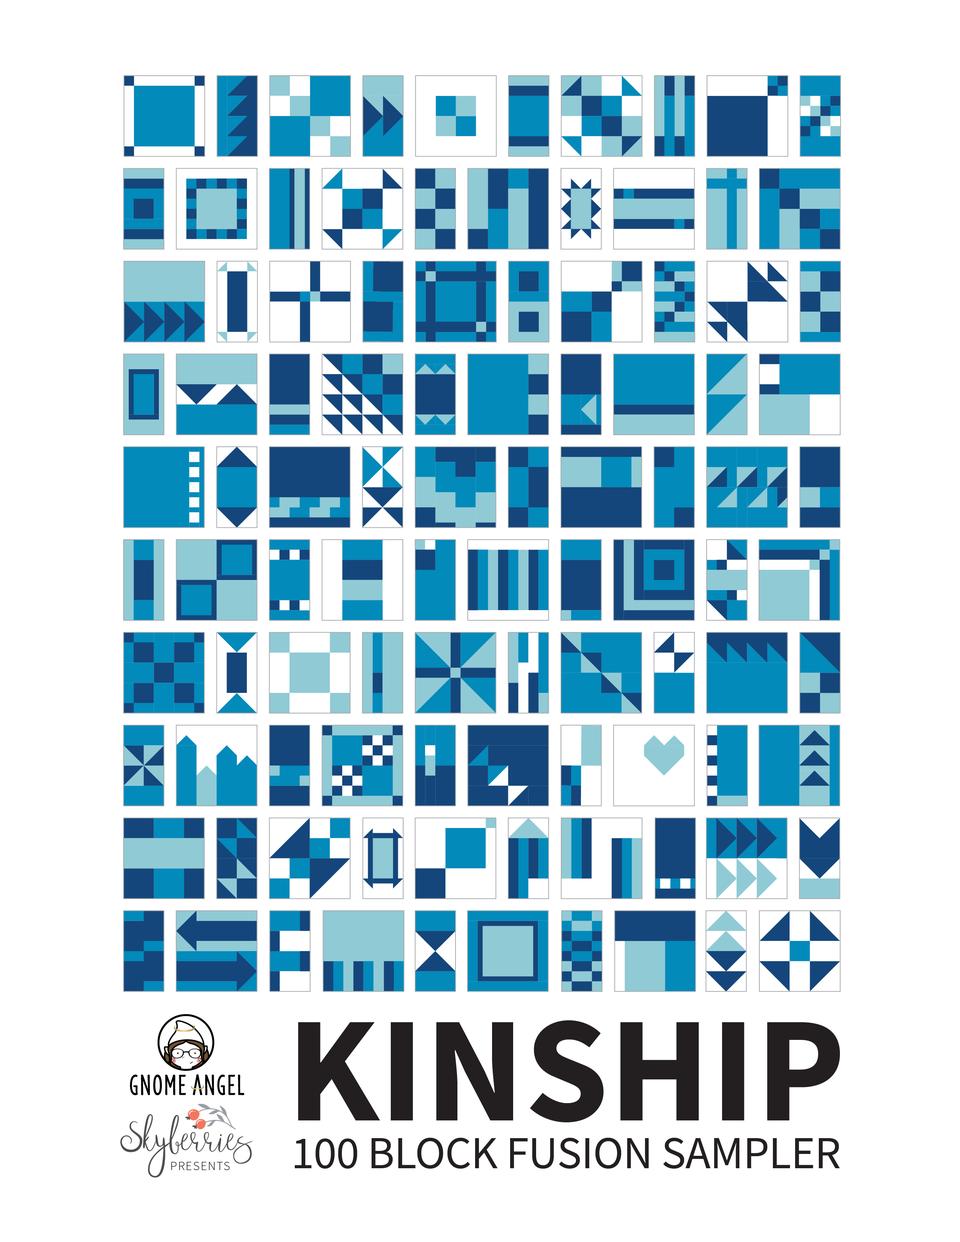 Kinship 100 Block Fusion Sampler